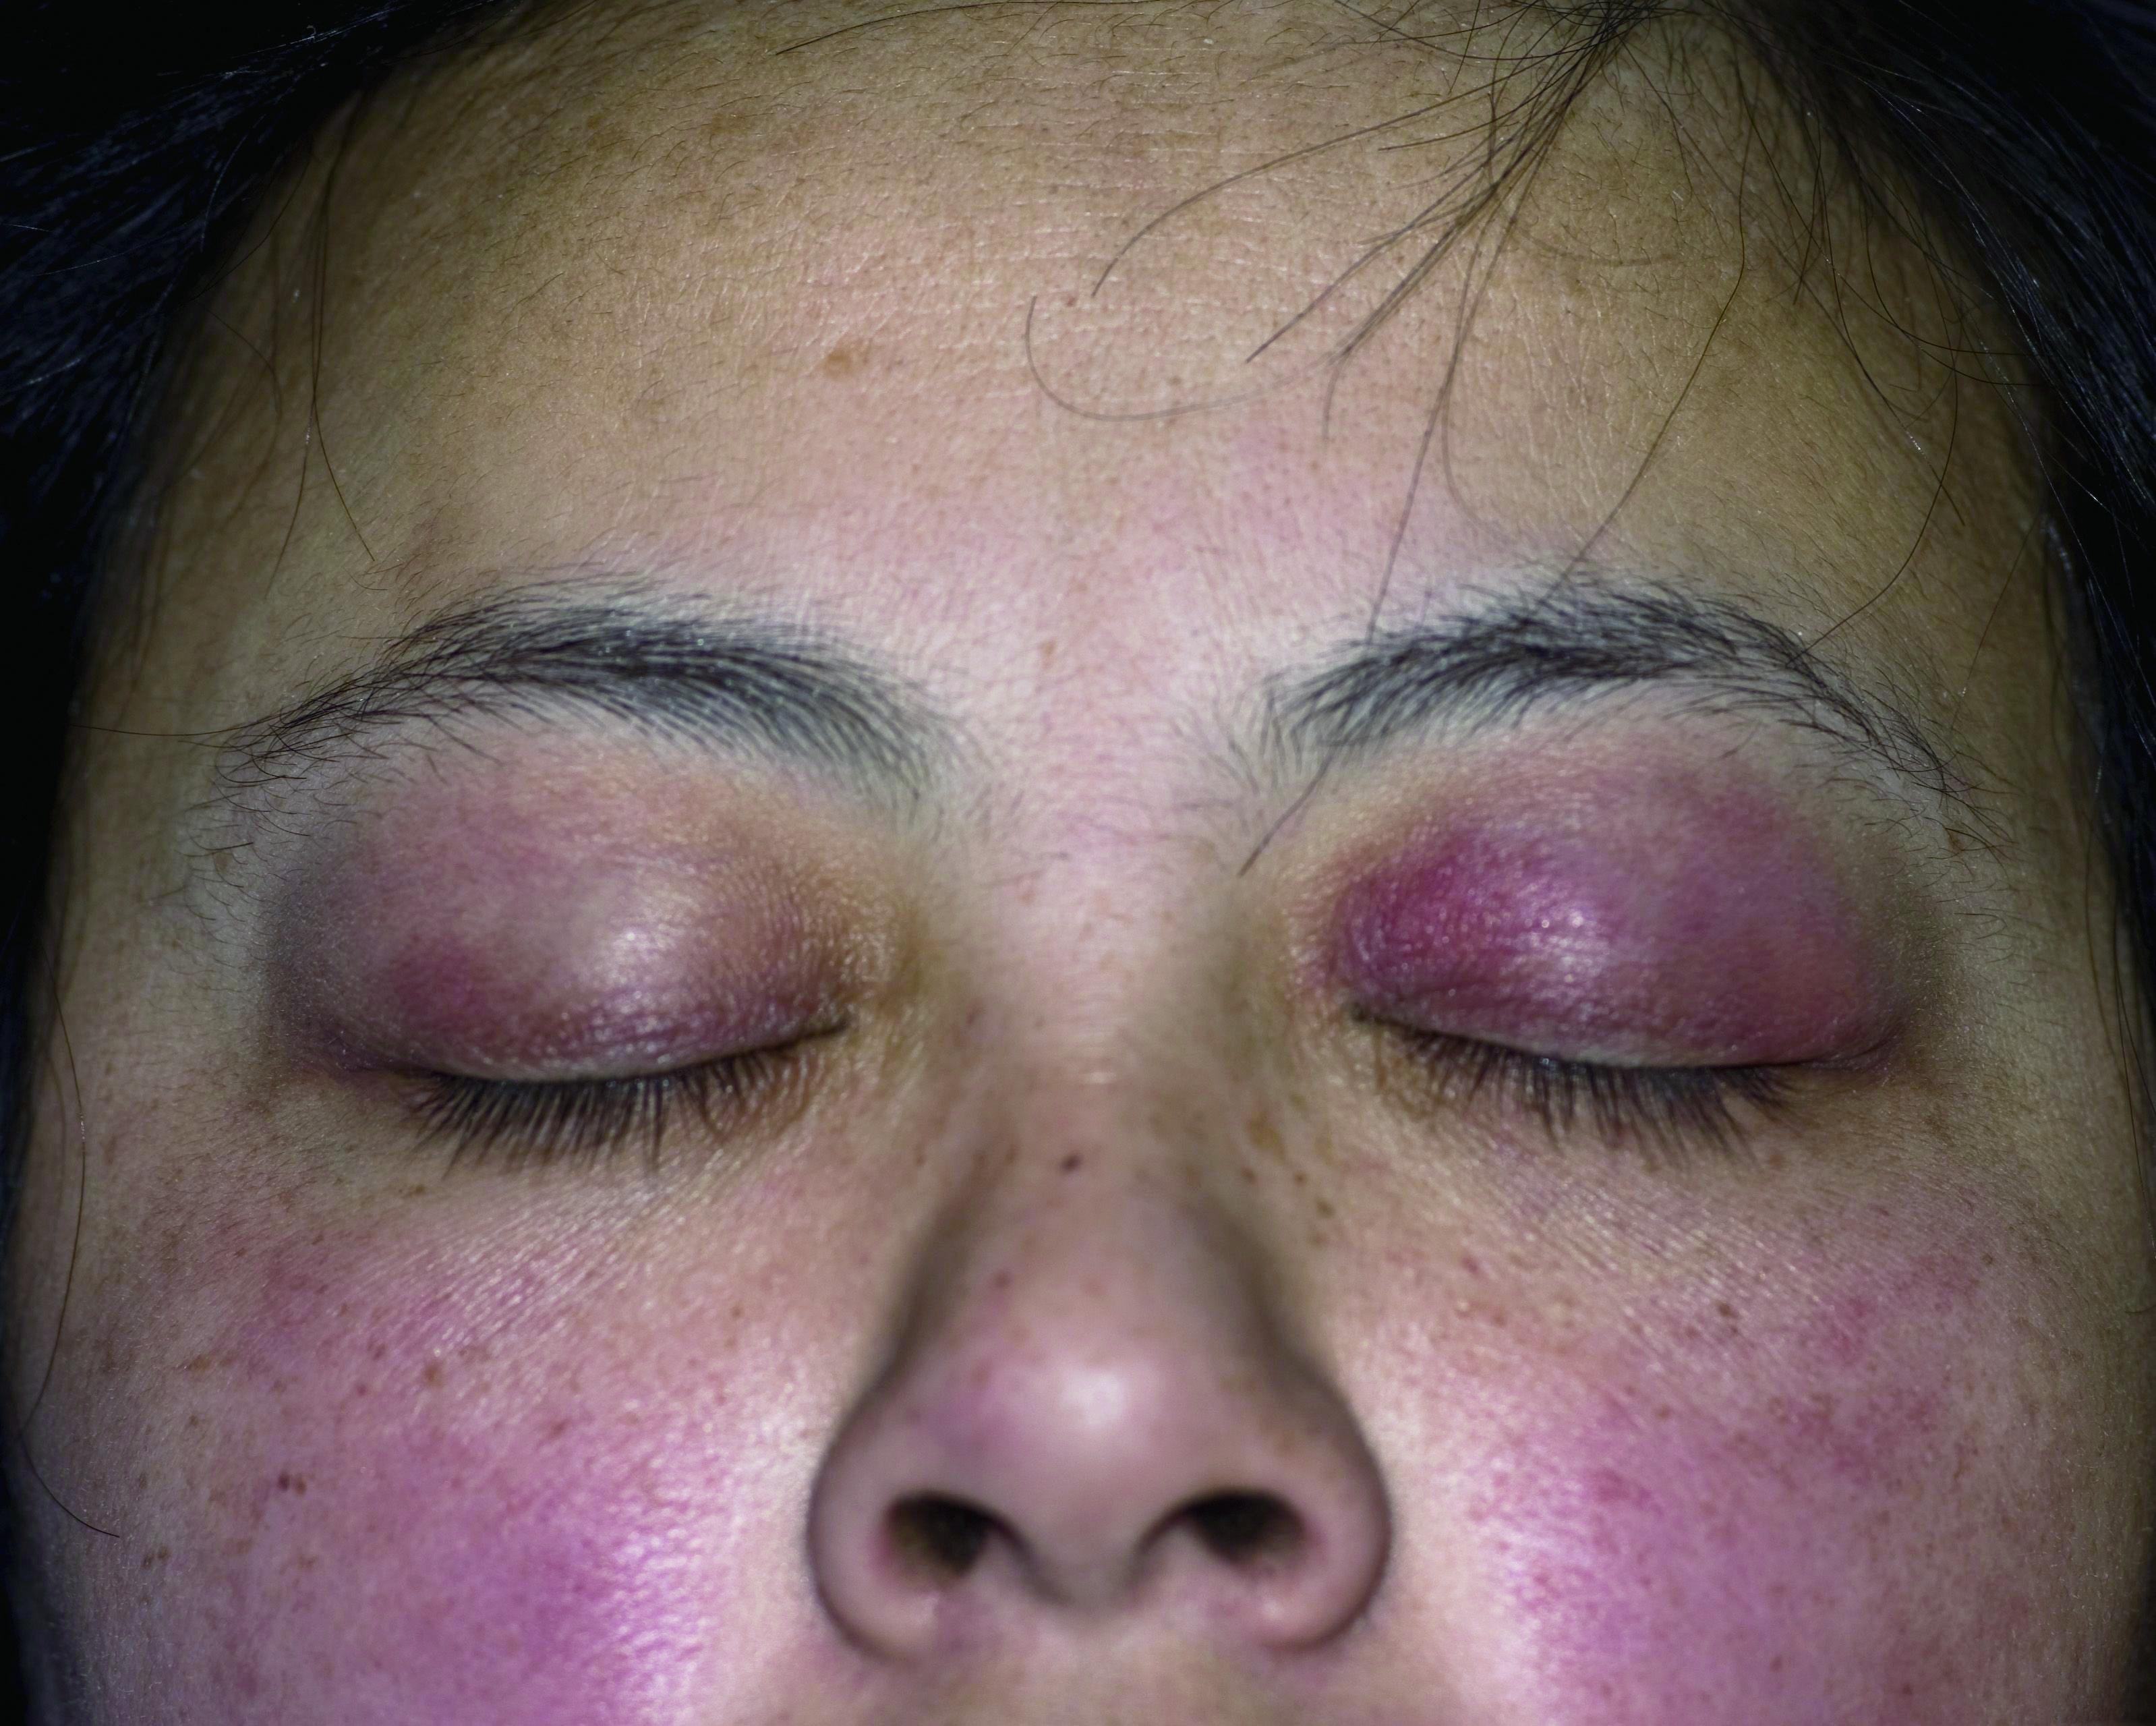 多发性肌炎,皮肌炎,水肿,结缔组织病